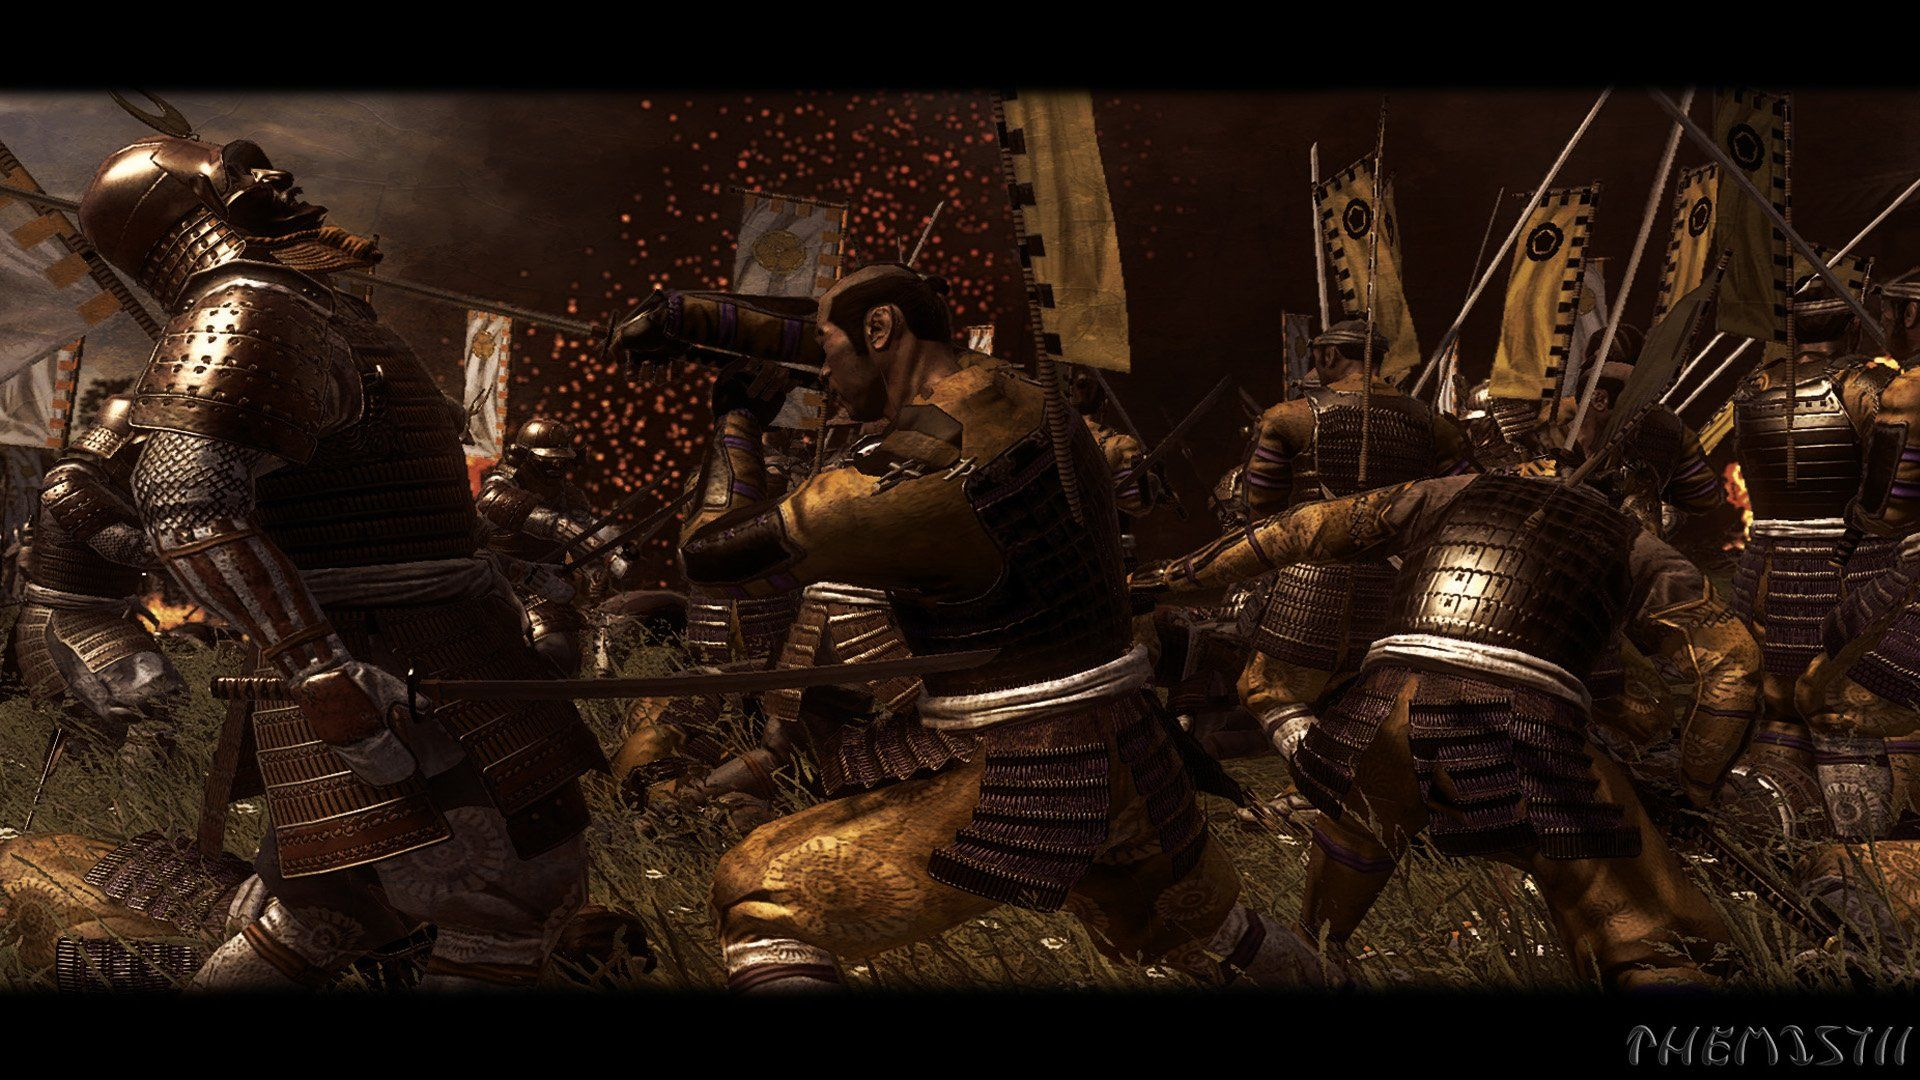 shogun total war wallpapers | hd wallpaper | pinterest | hd